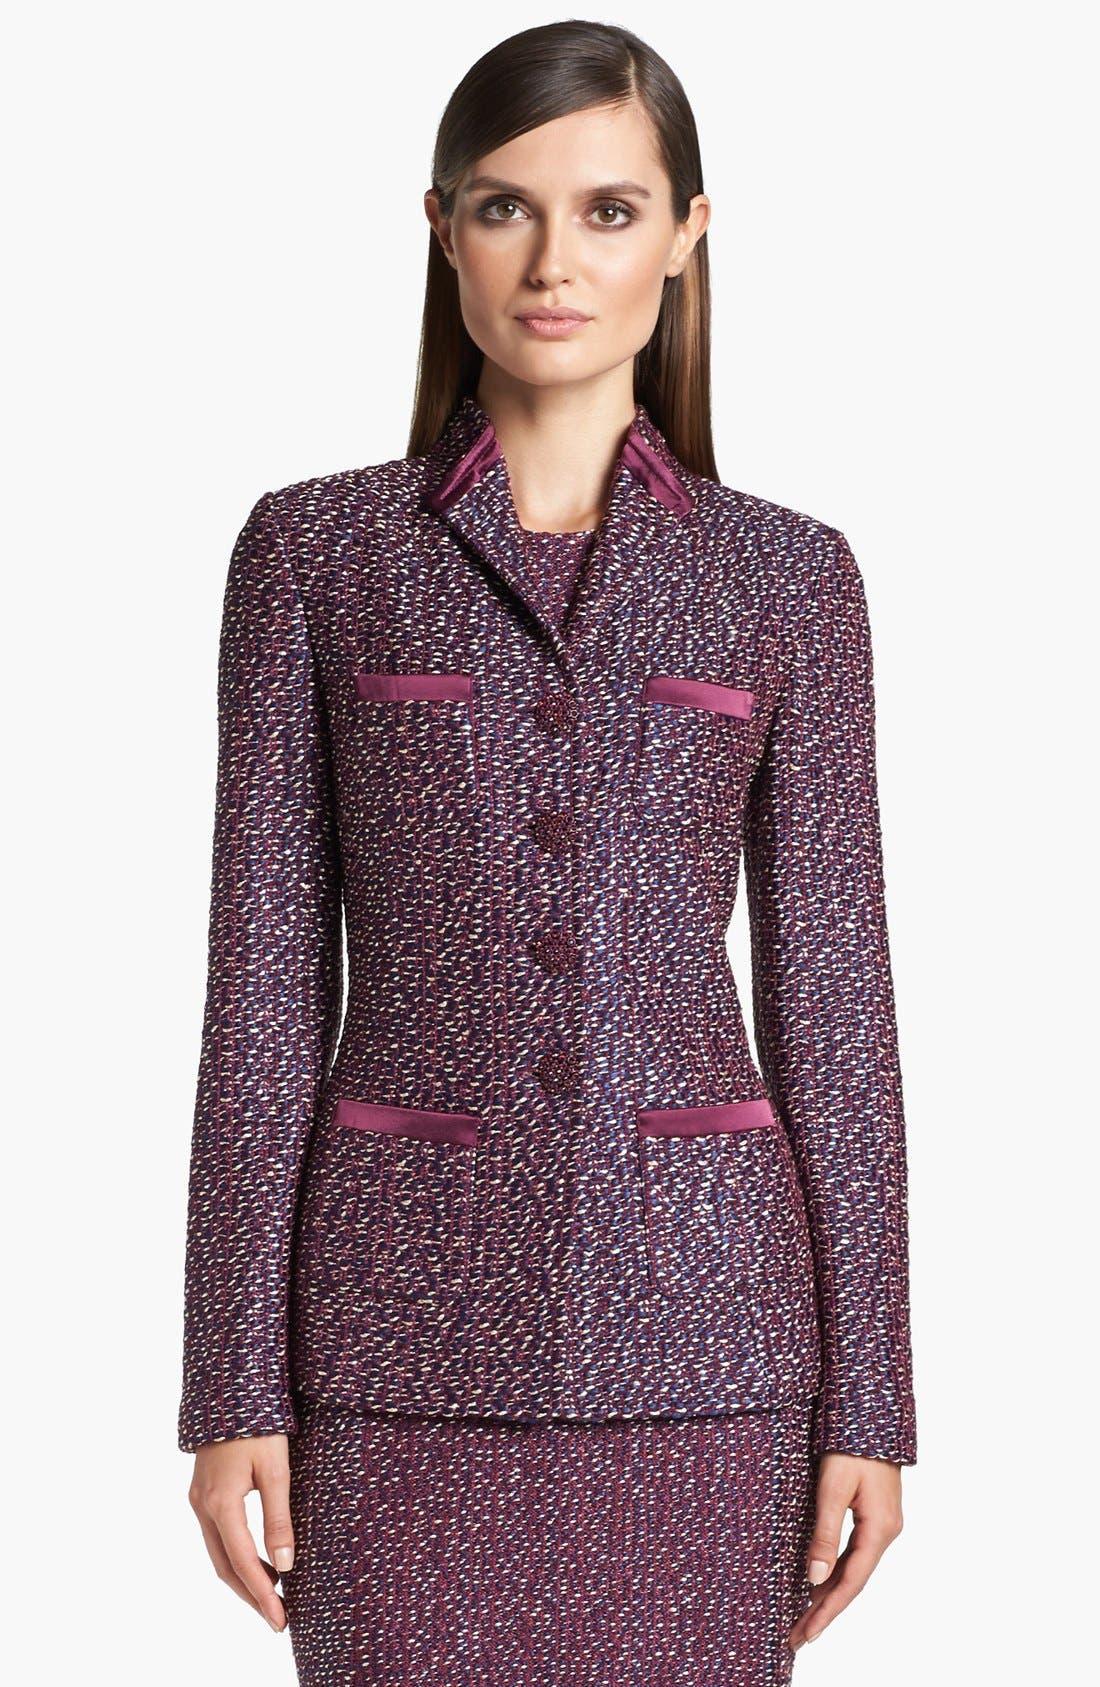 Main Image - St. John Collection Dash Tweed Knit Jacket